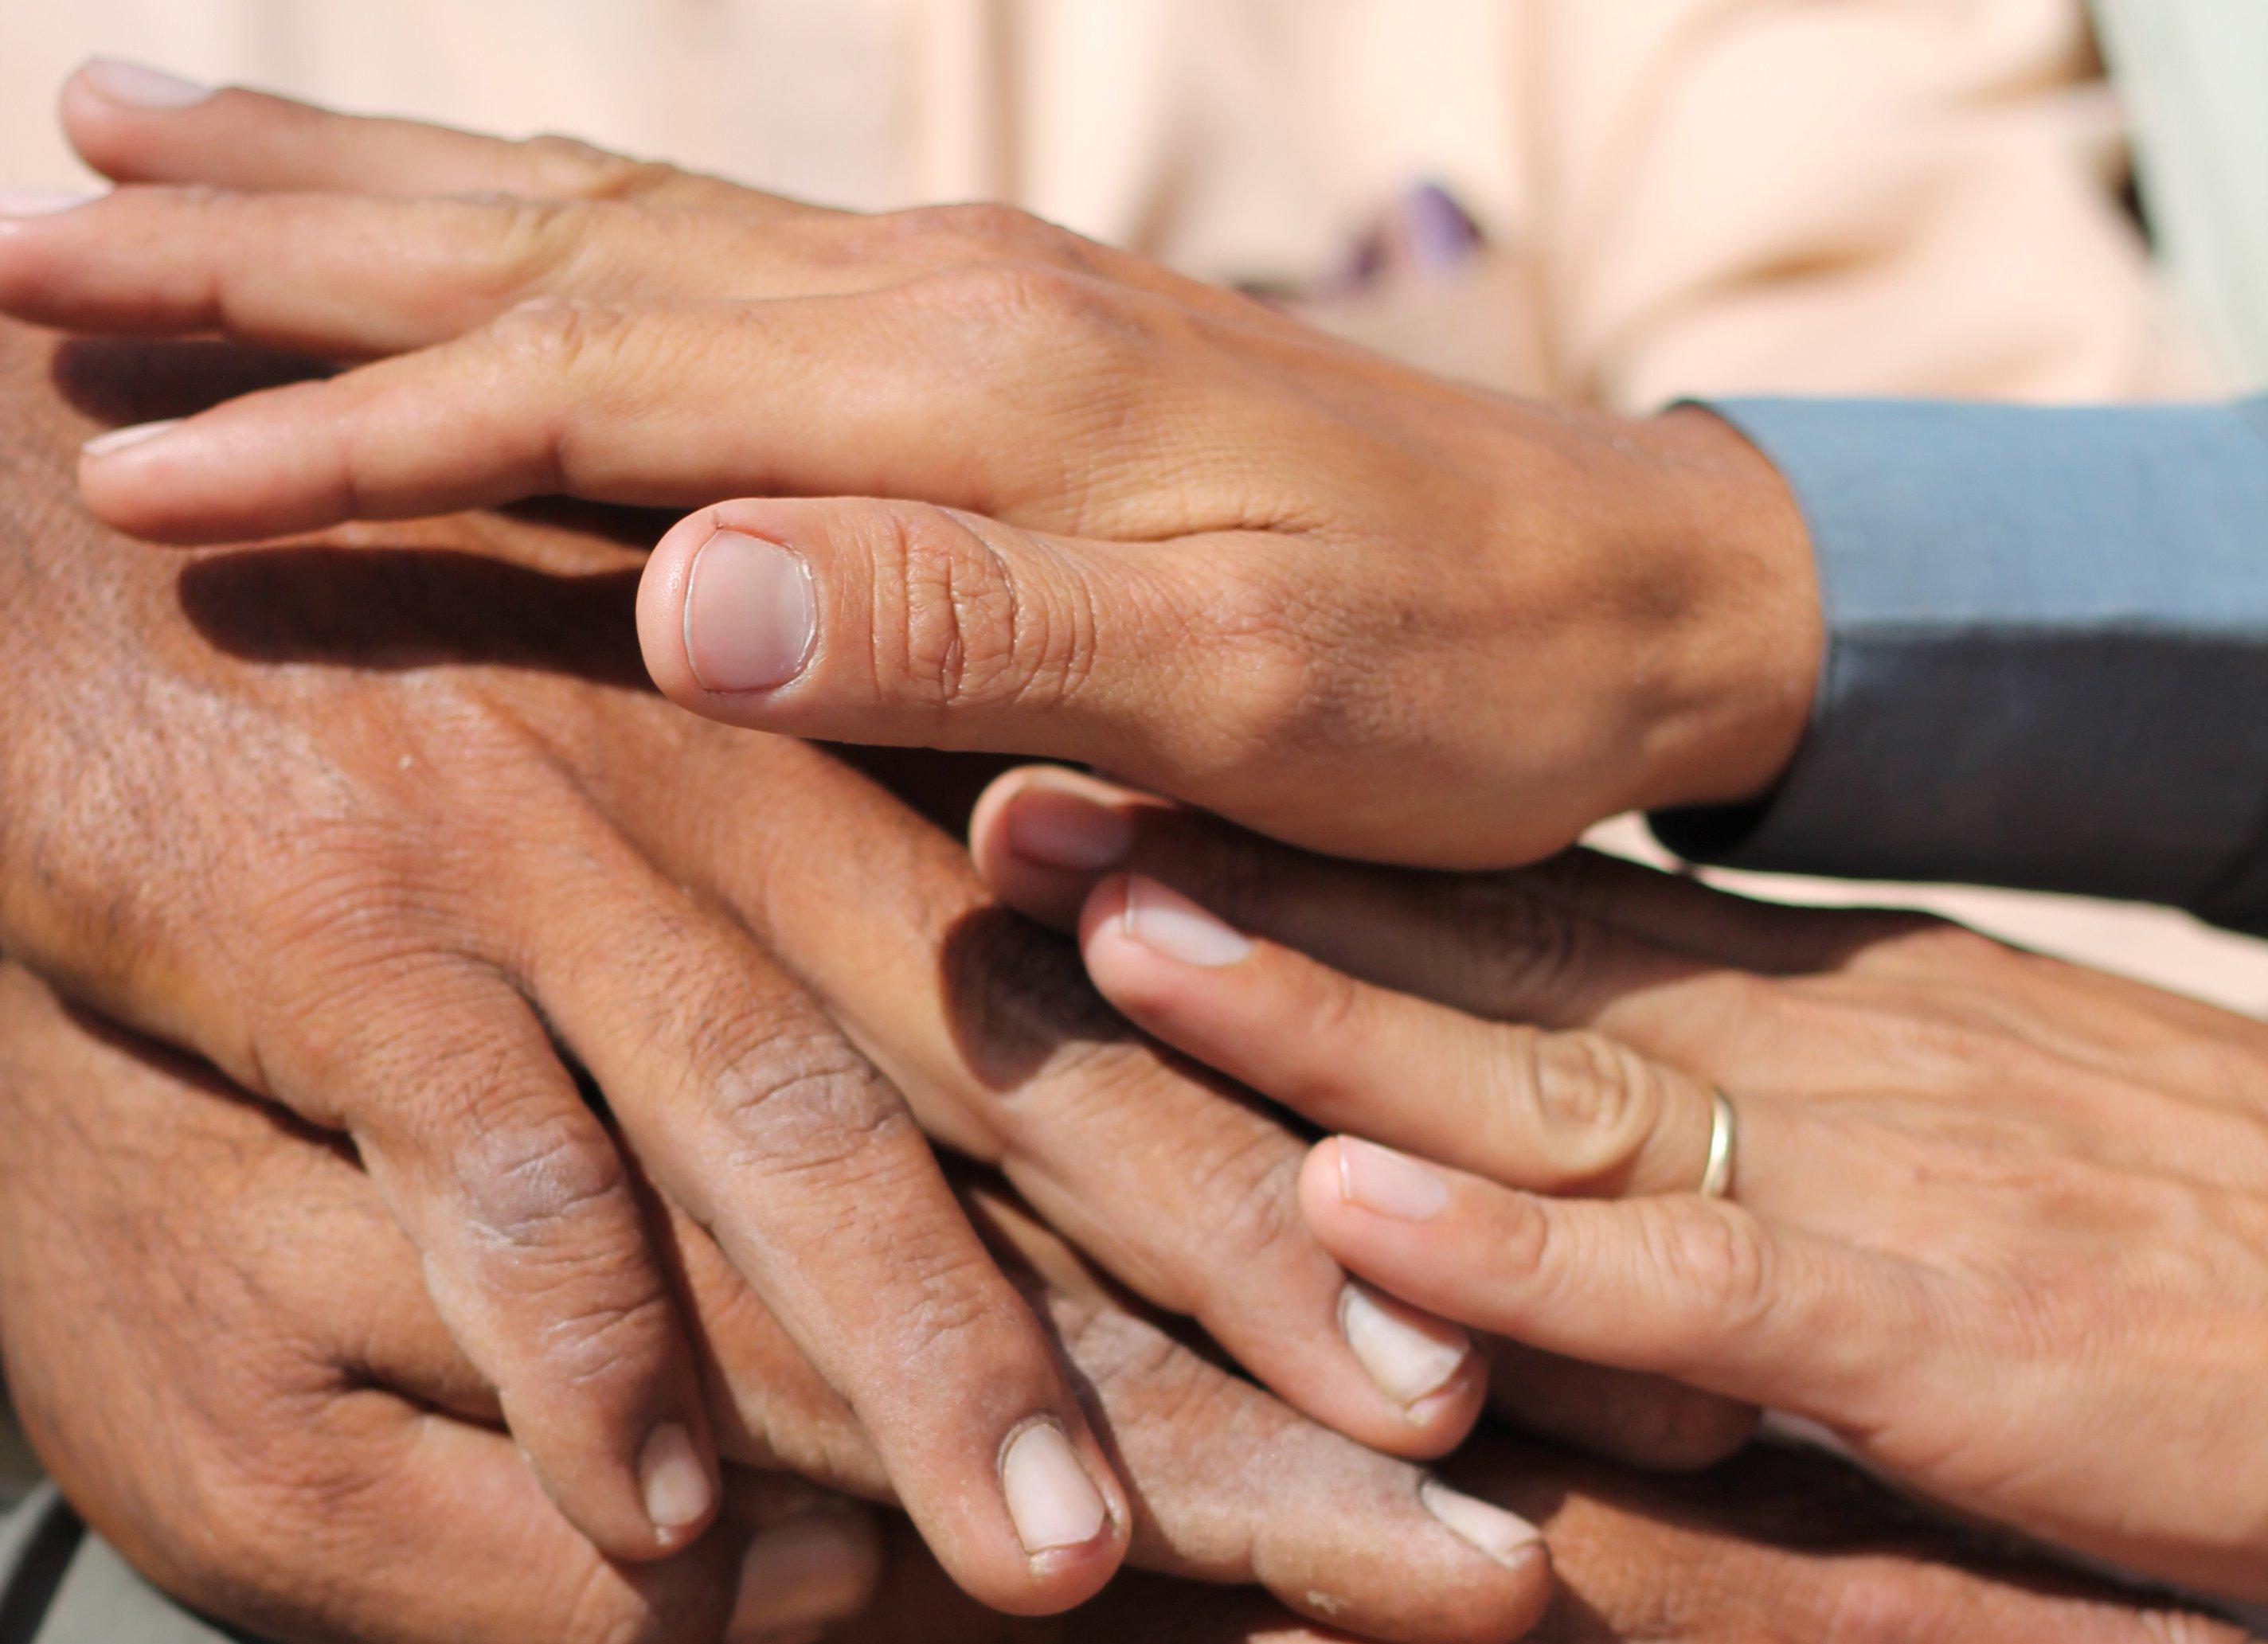 Pakistan hands together, David Walker ODI/2016